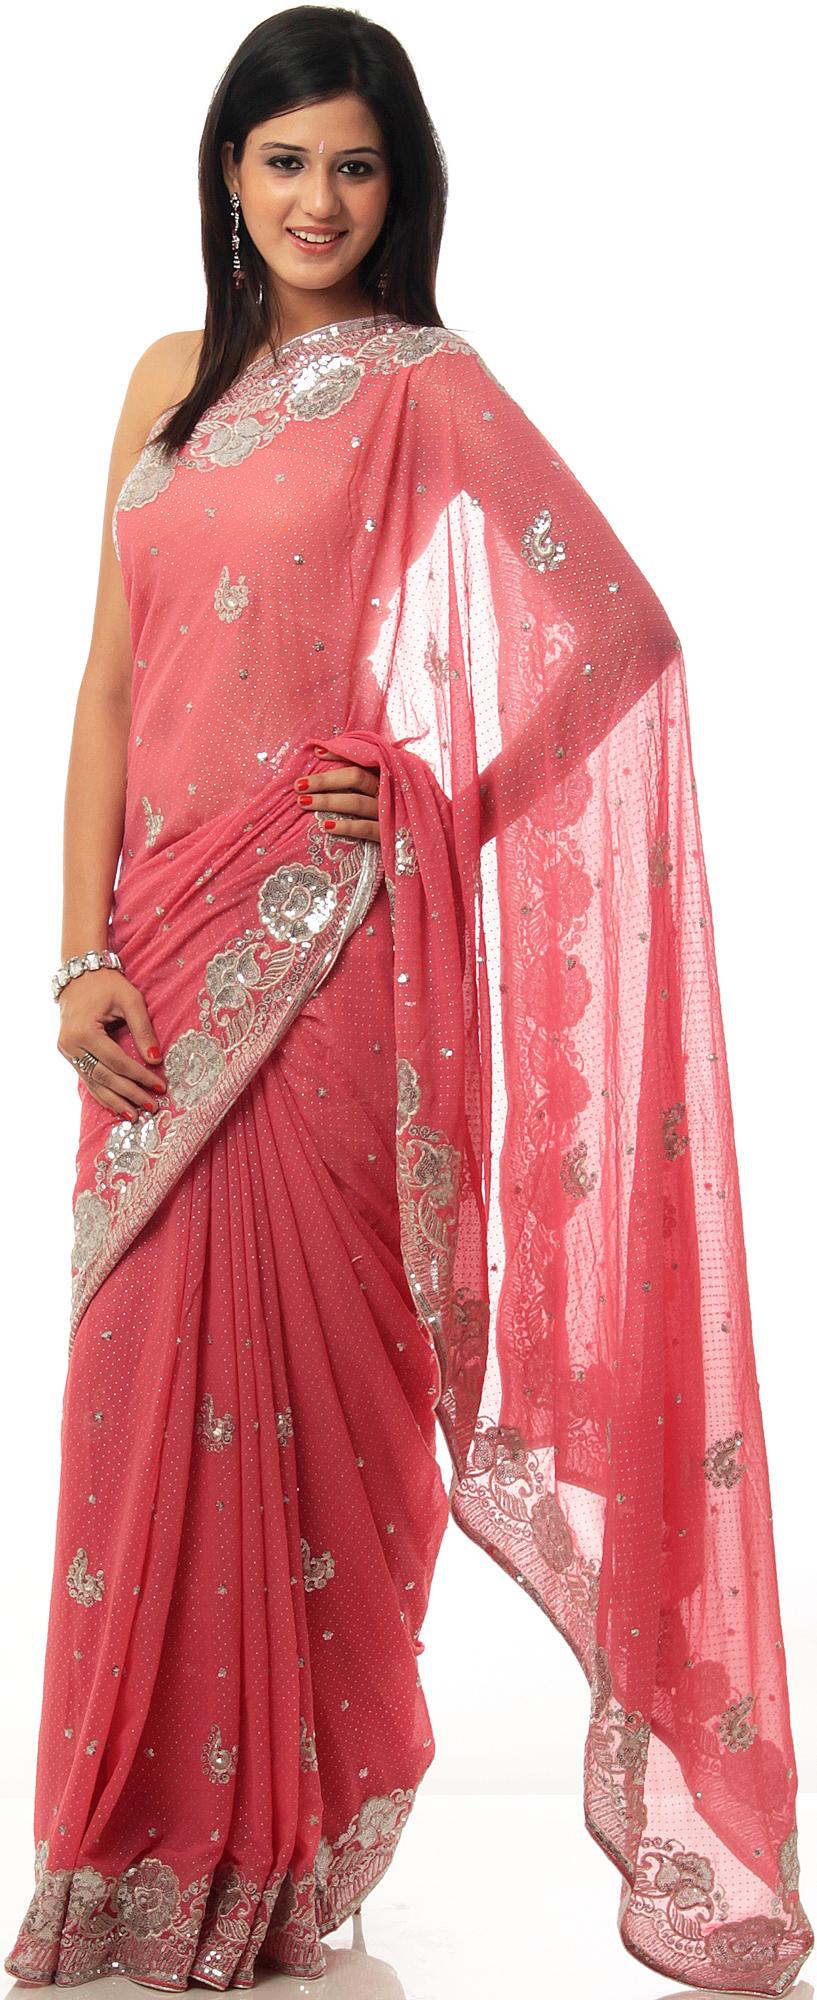 sari saree saris pink pakistan wear still flowers rose indian embroidered colors night dresses